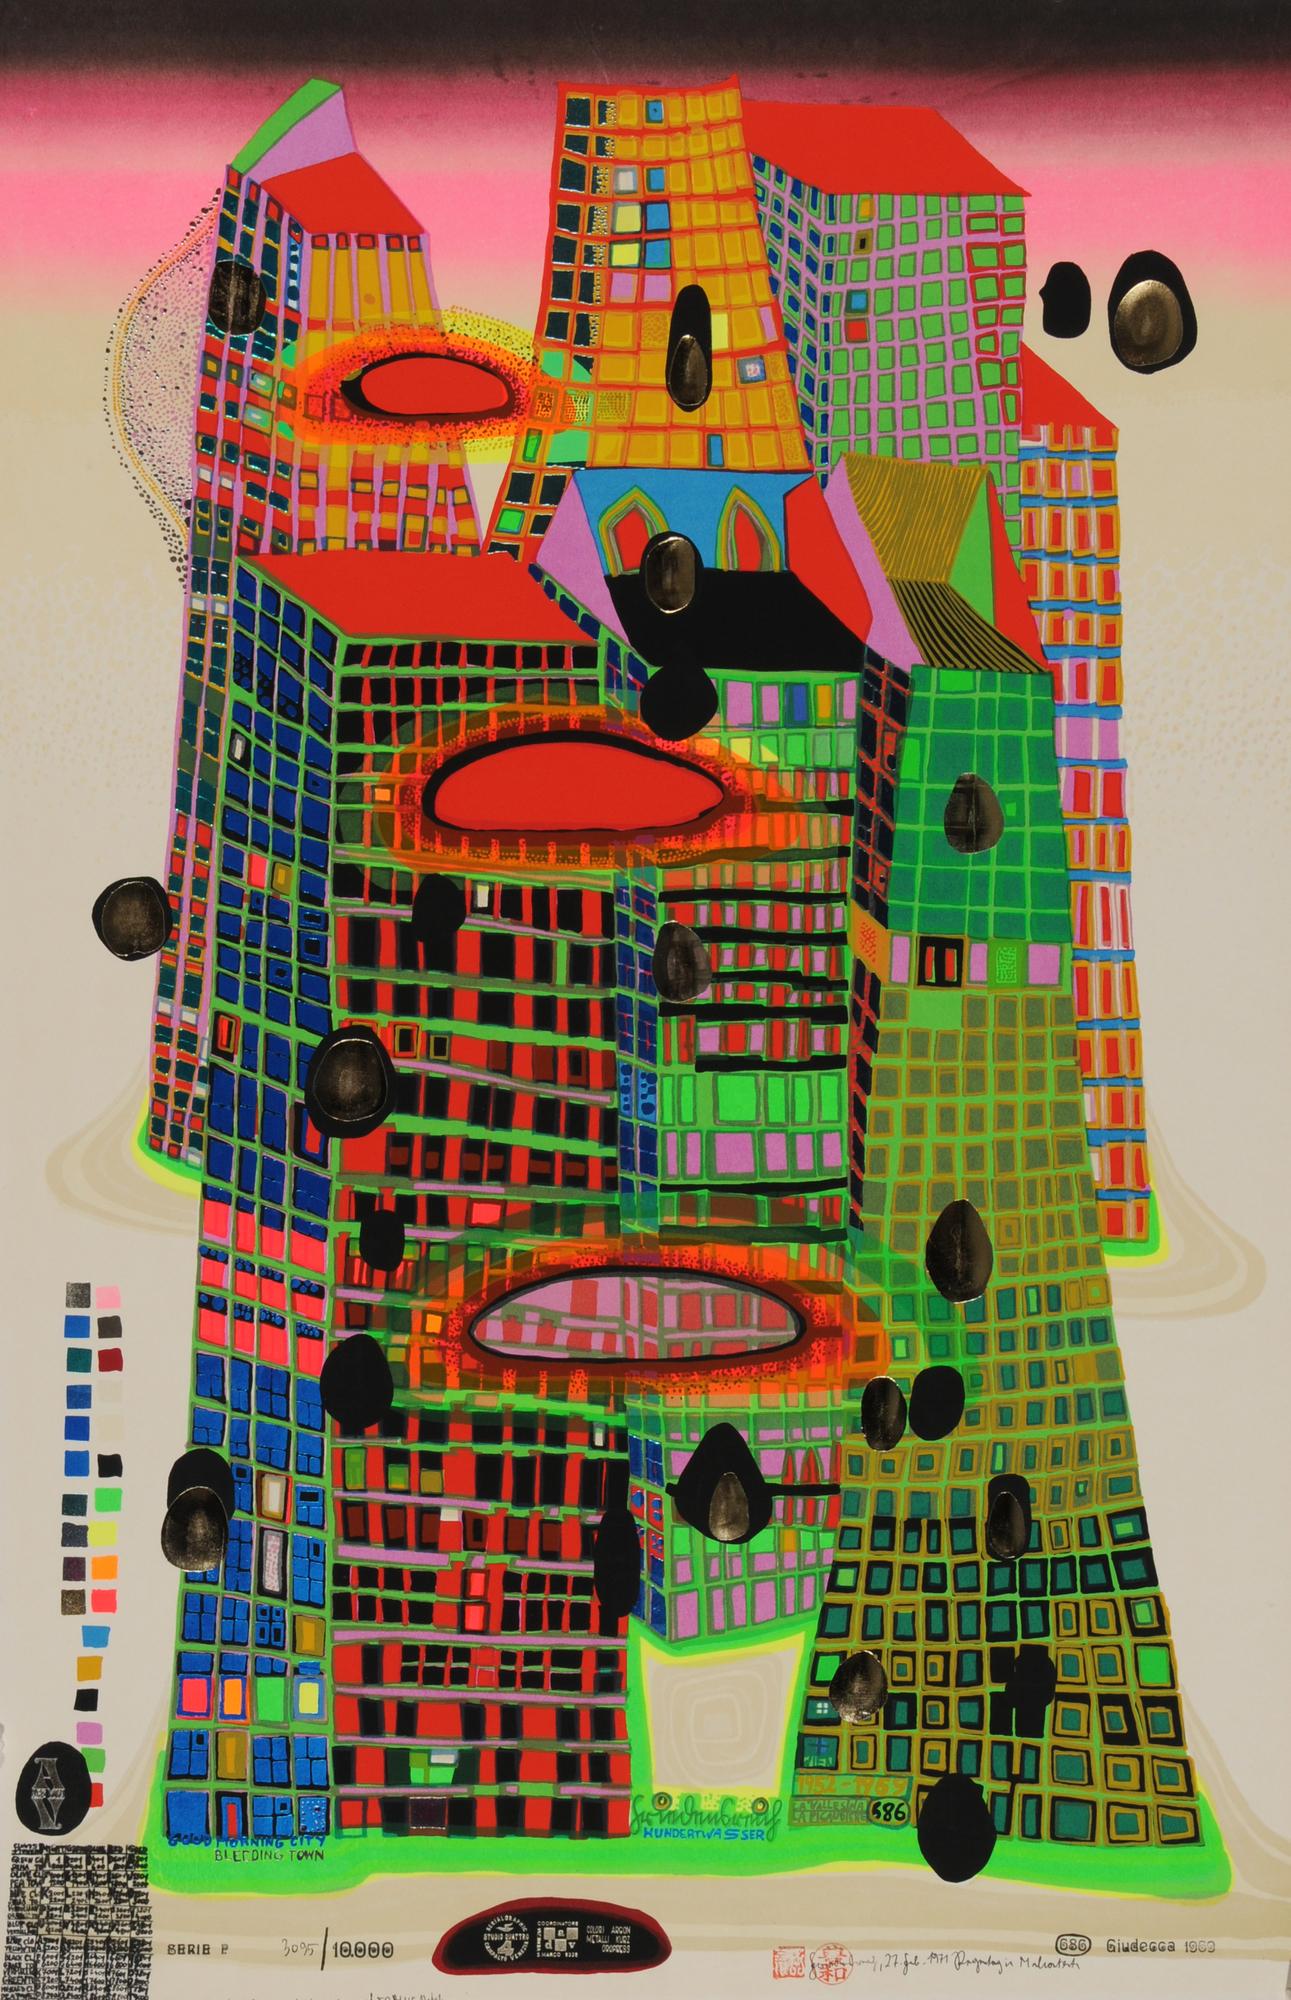 Hundertwasser Friedensreich, Good Morning City - Bleeding Town